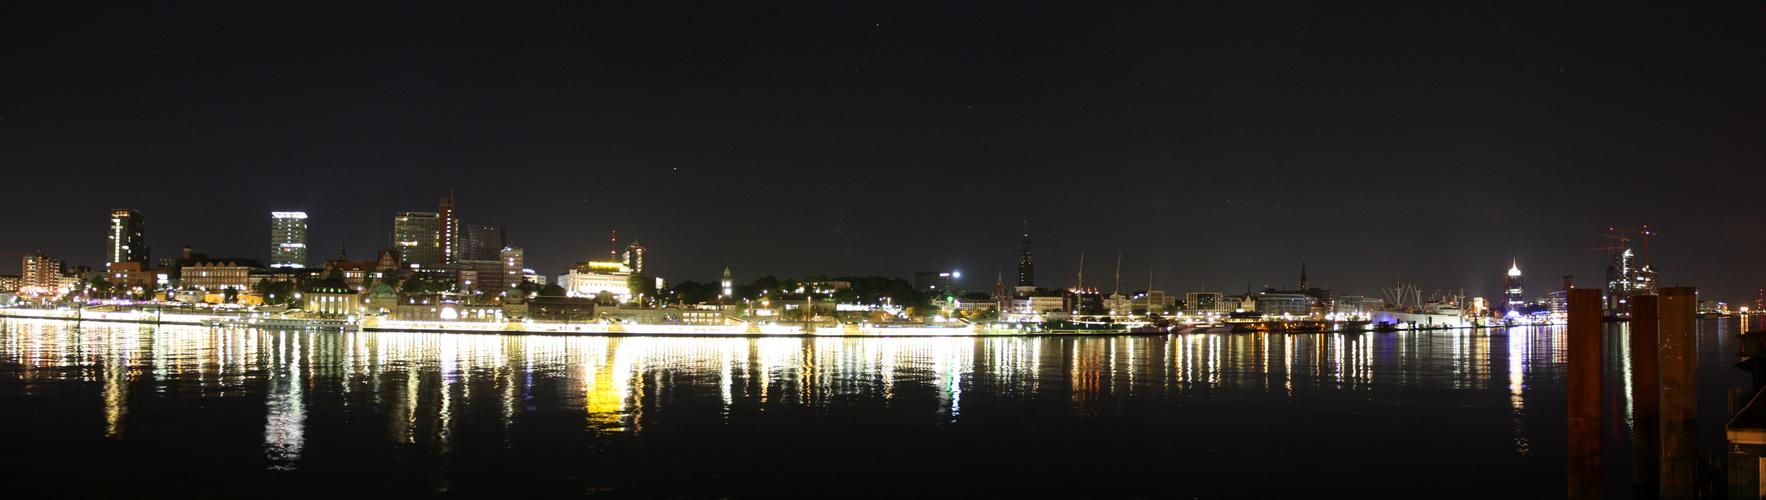 hamburg skyline at night foto bild deutschland europe. Black Bedroom Furniture Sets. Home Design Ideas